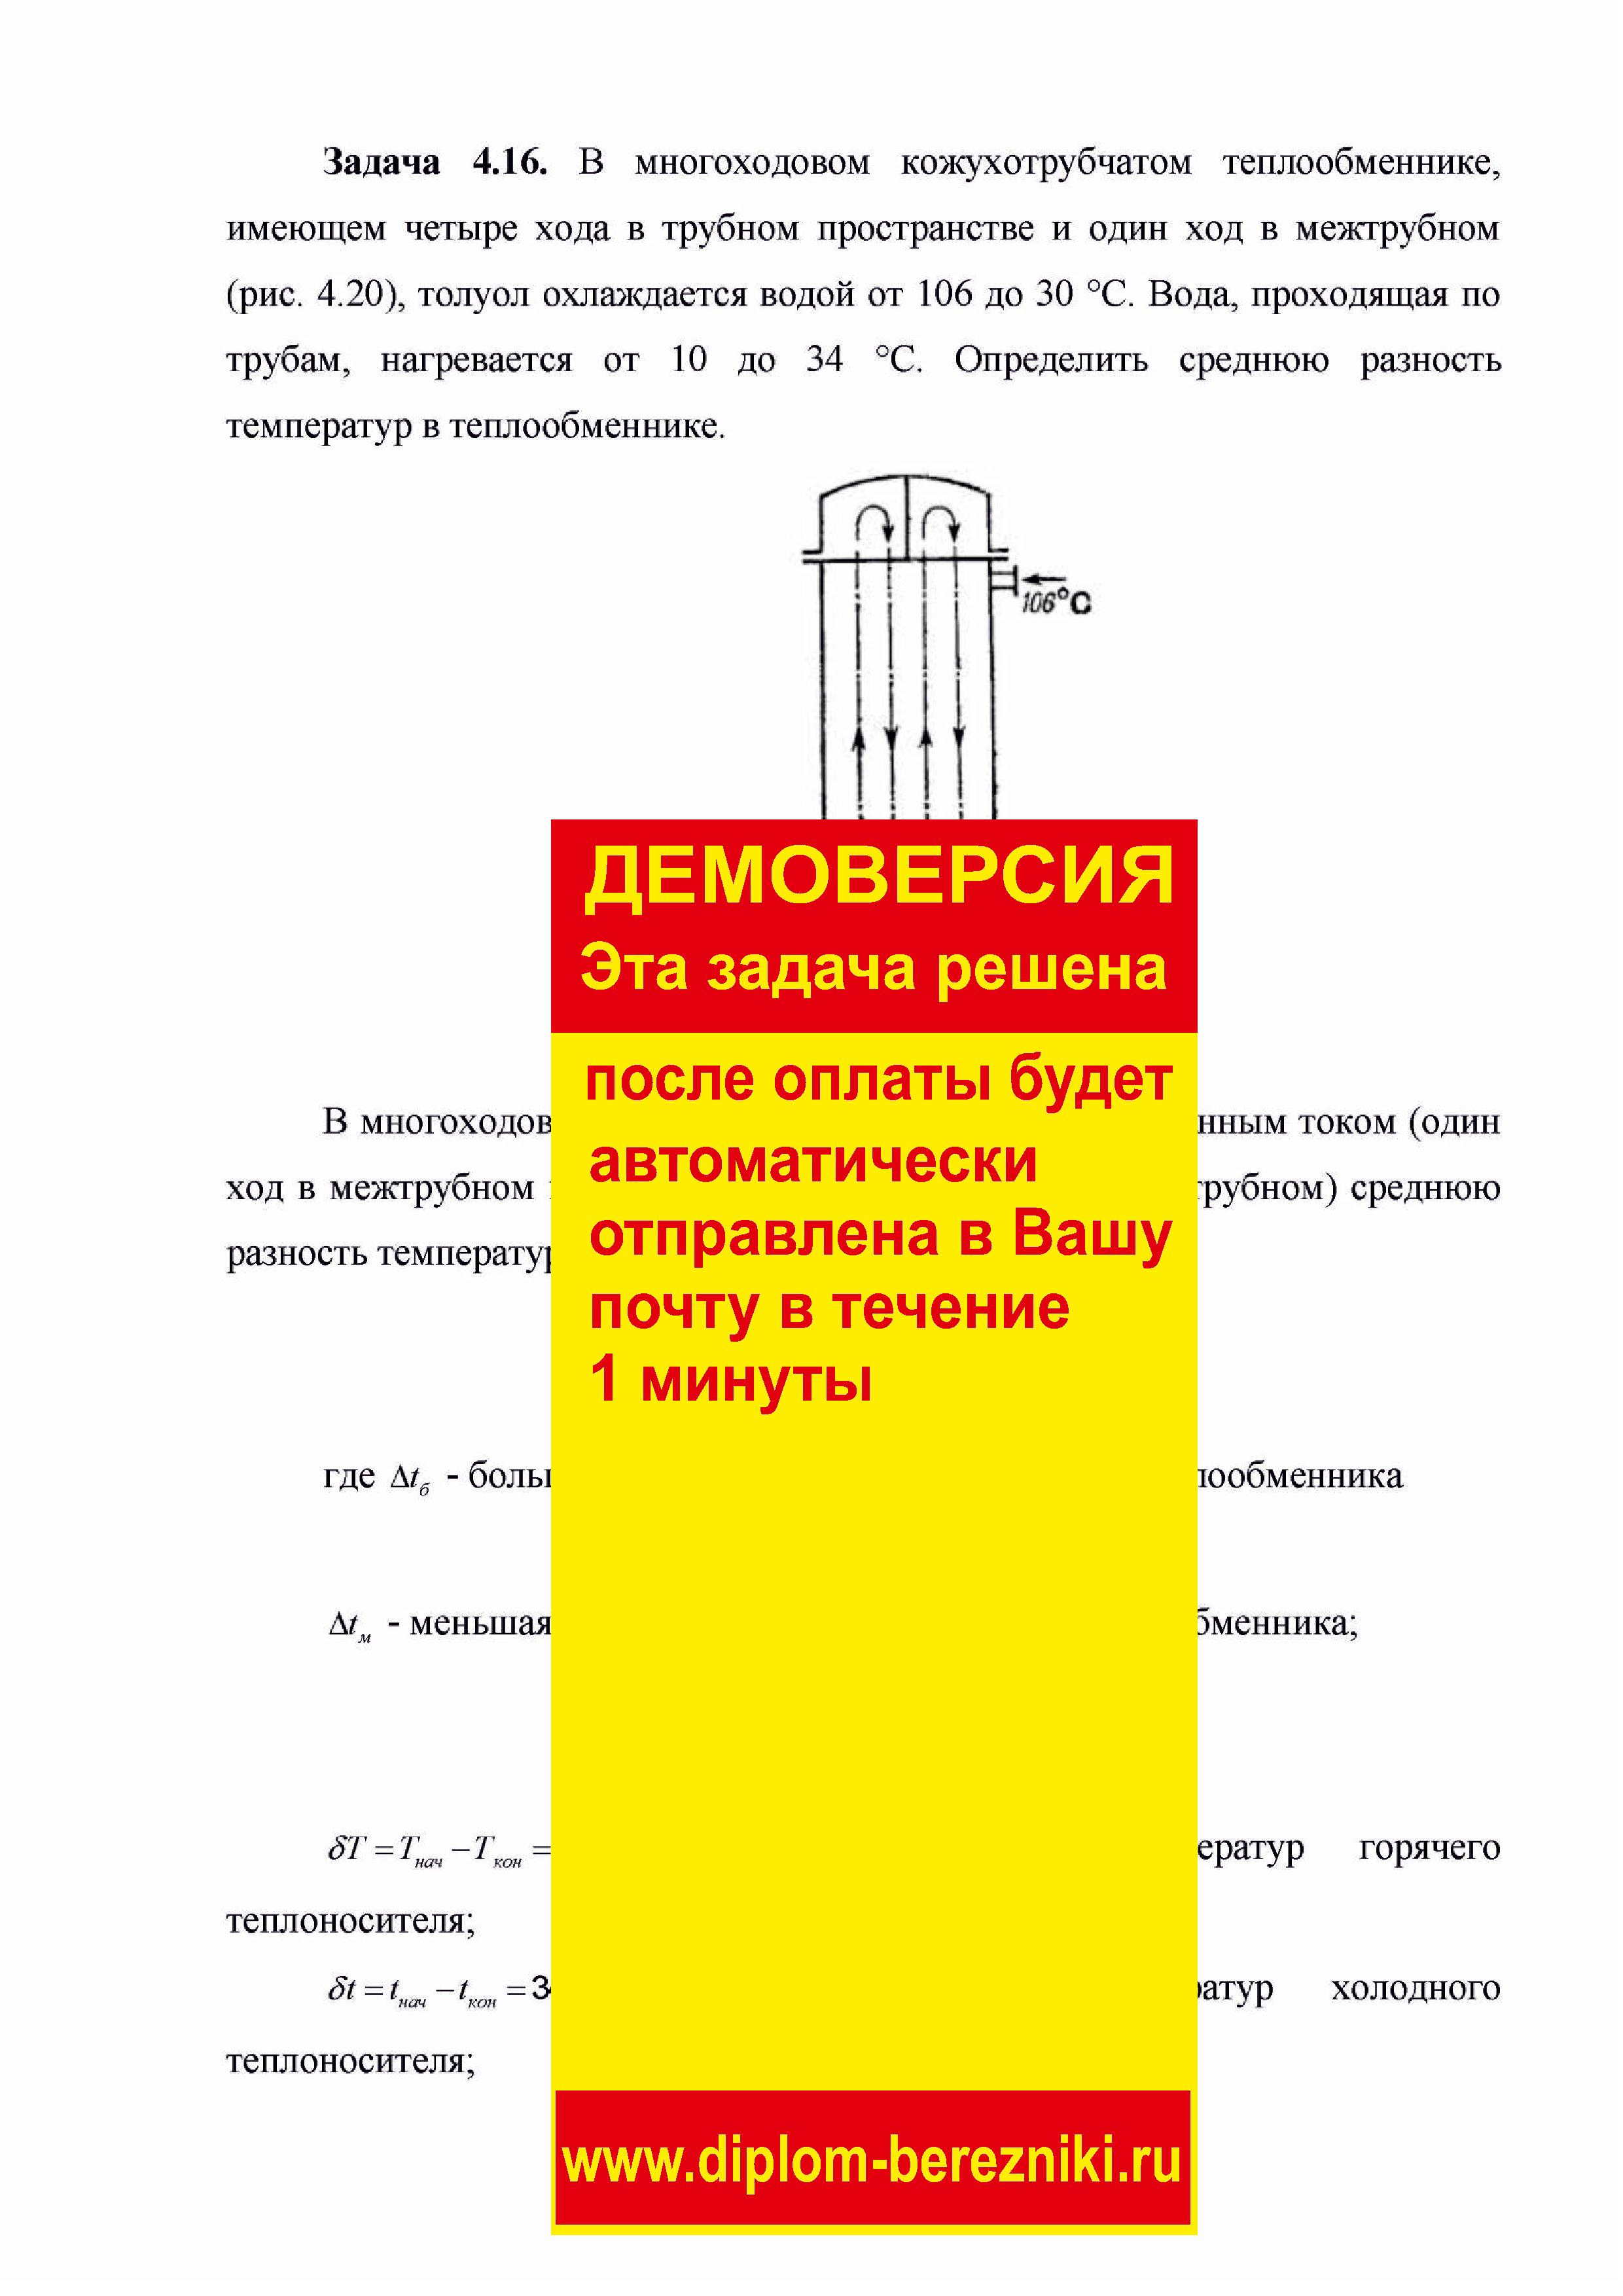 Решение задачи 4.16 по ПАХТ из задачника Павлова Романкова Носкова